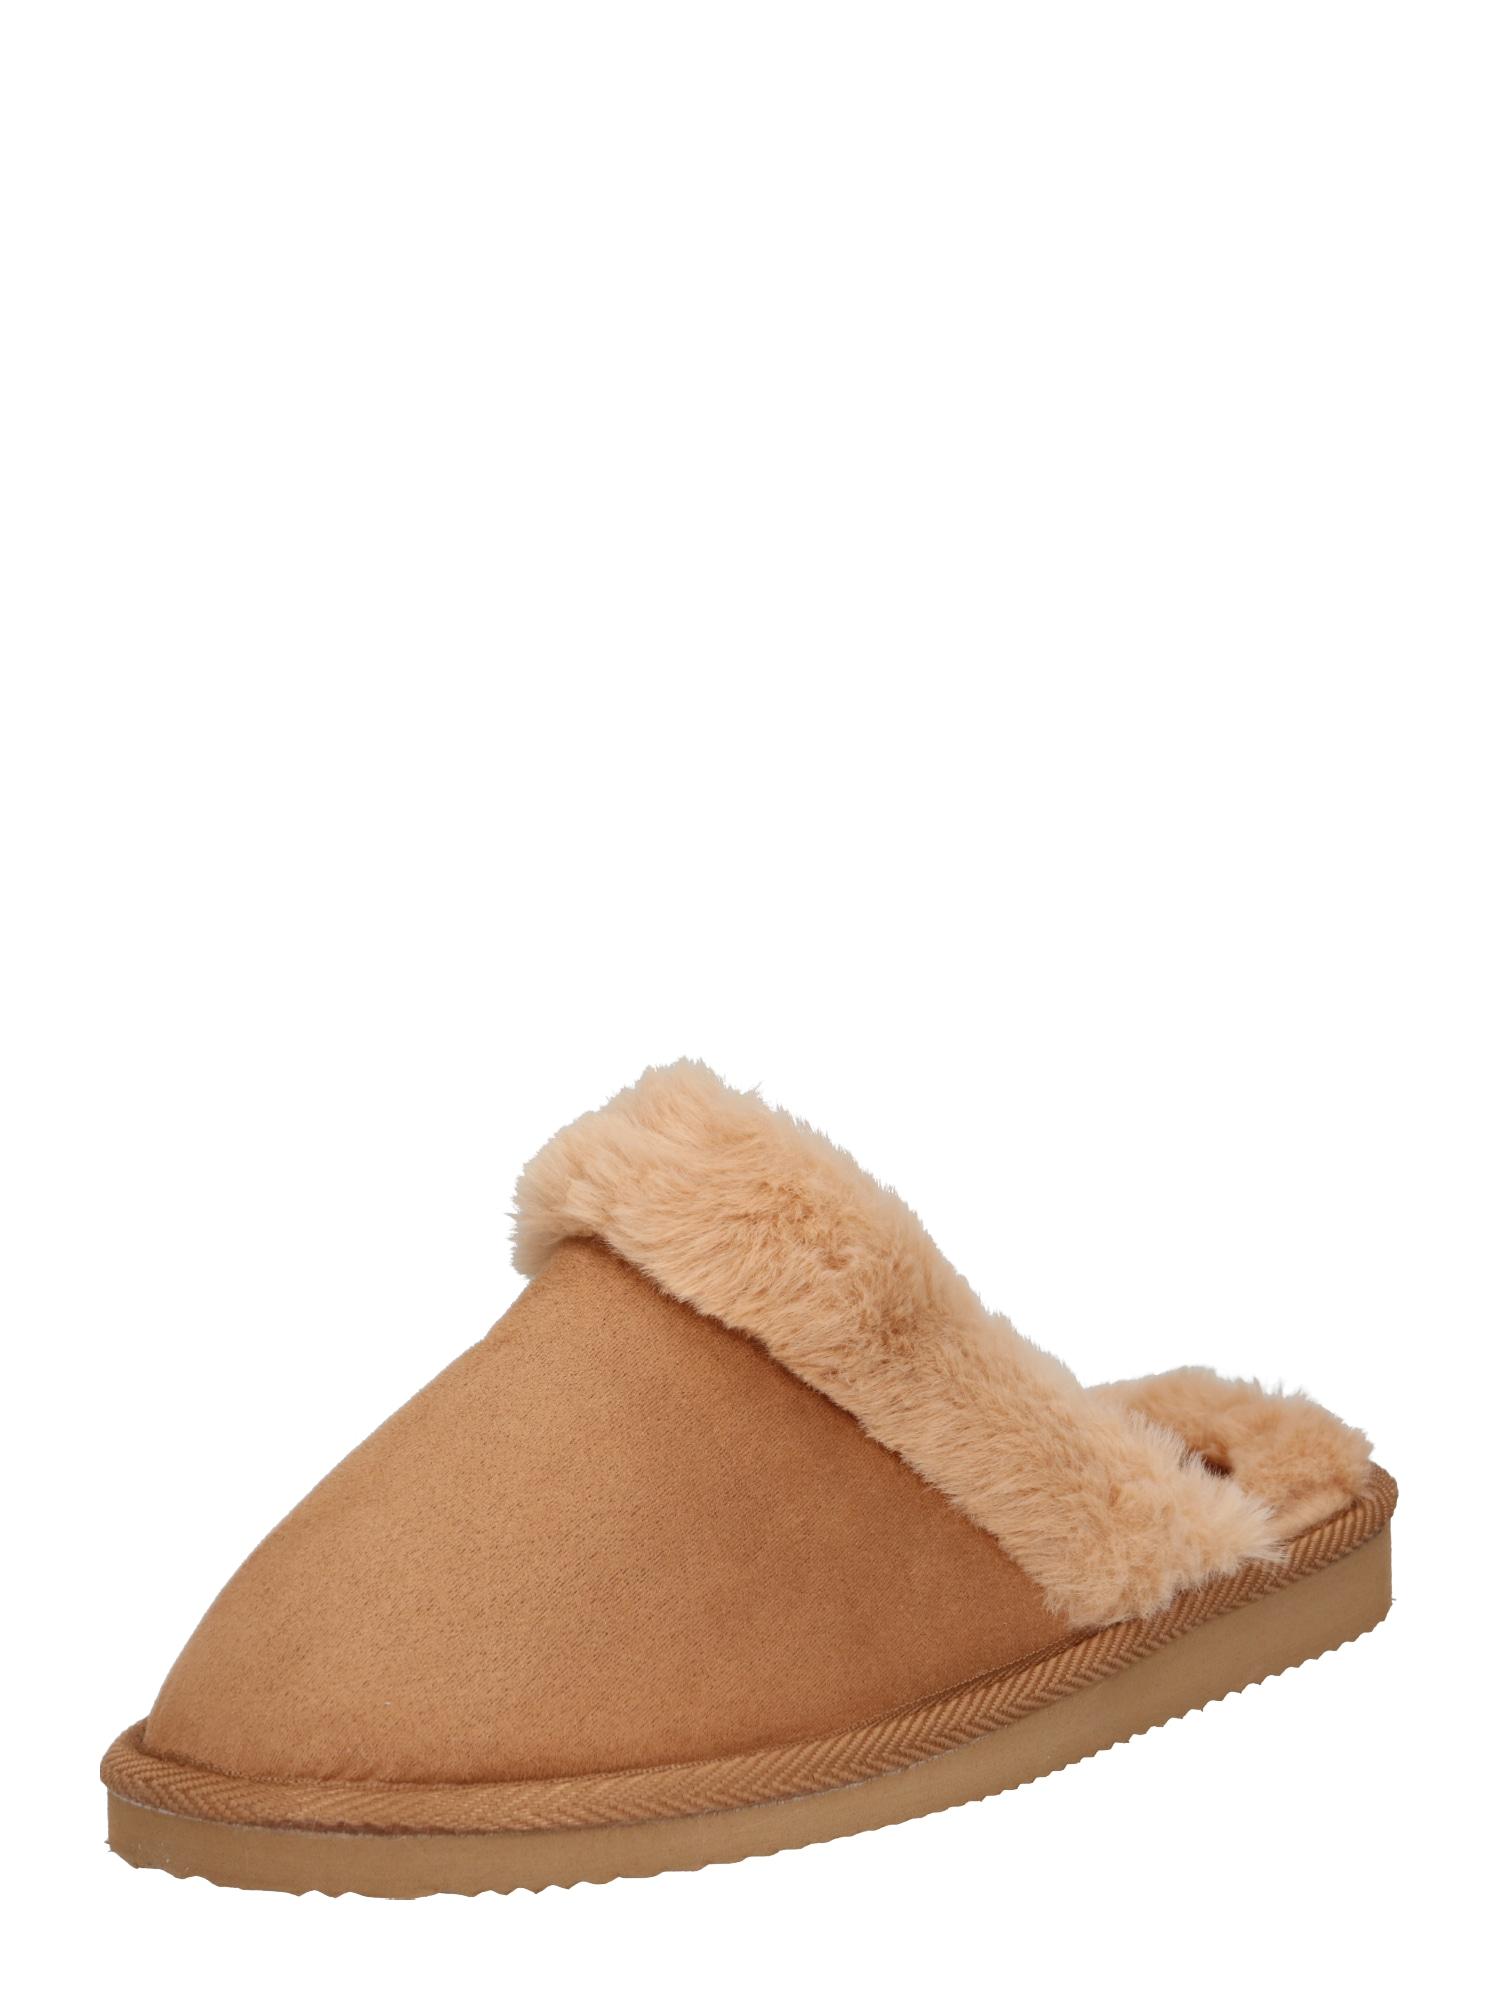 ABOUT YOU Naminės šlepetės 'Liliana Shoes' šviesiai ruda